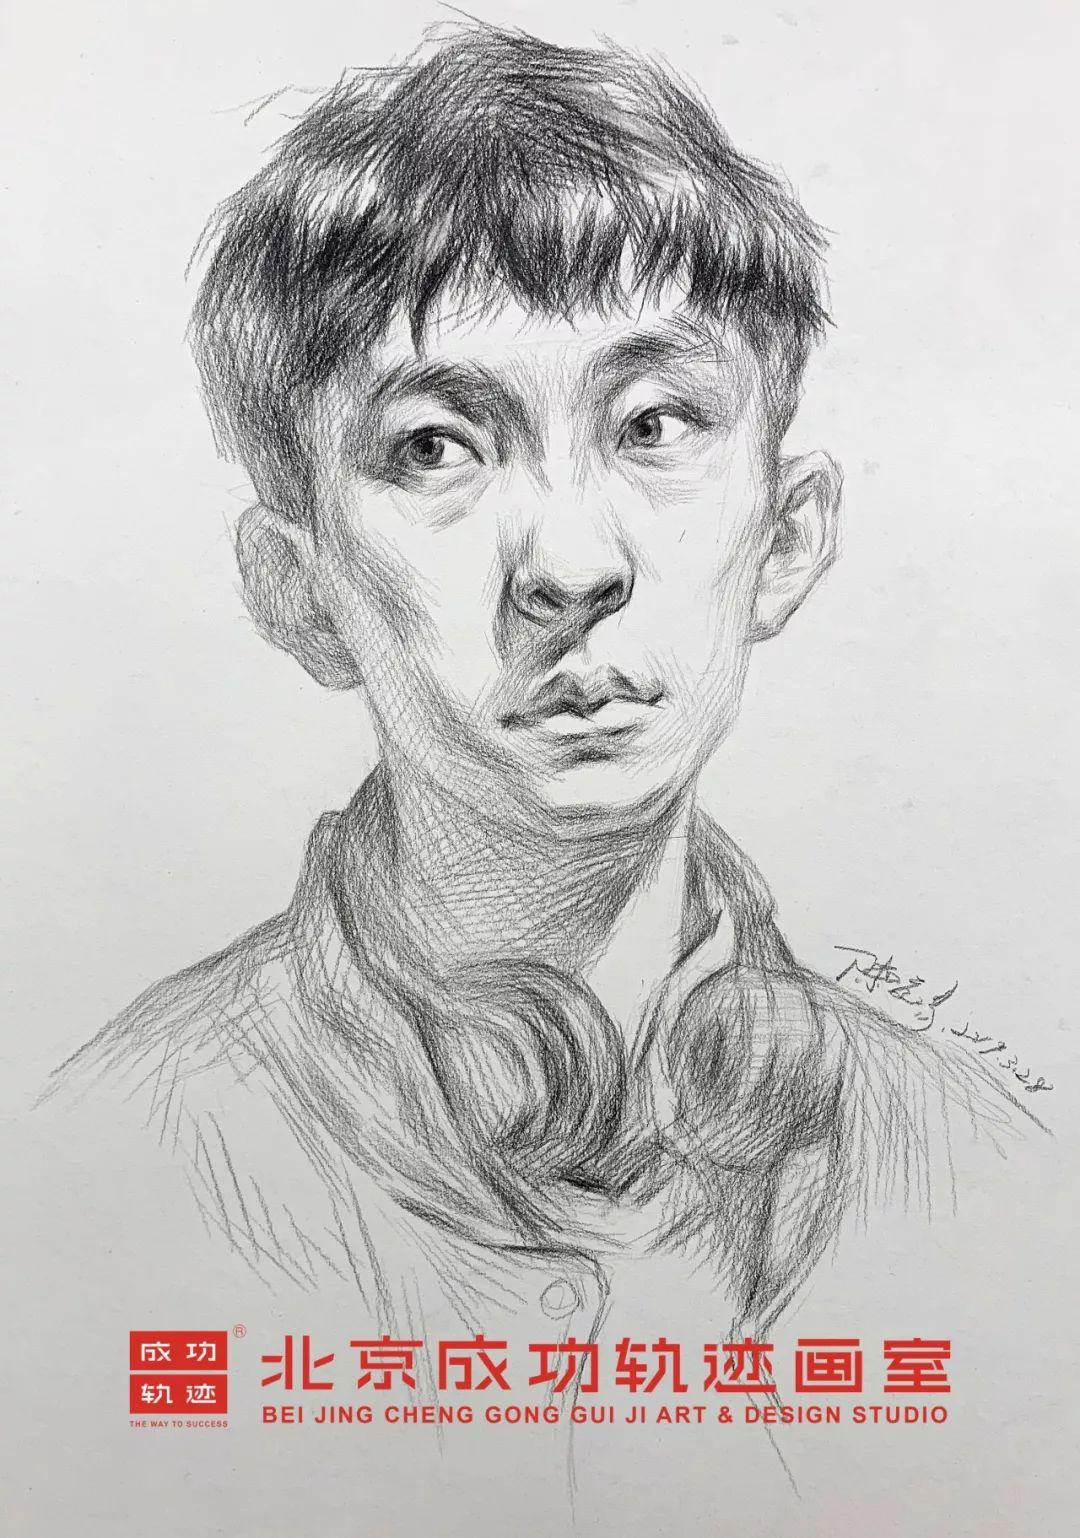 【成功轨迹直播课堂】带你解密联考素描头像,北京画室,北京美术培训    05